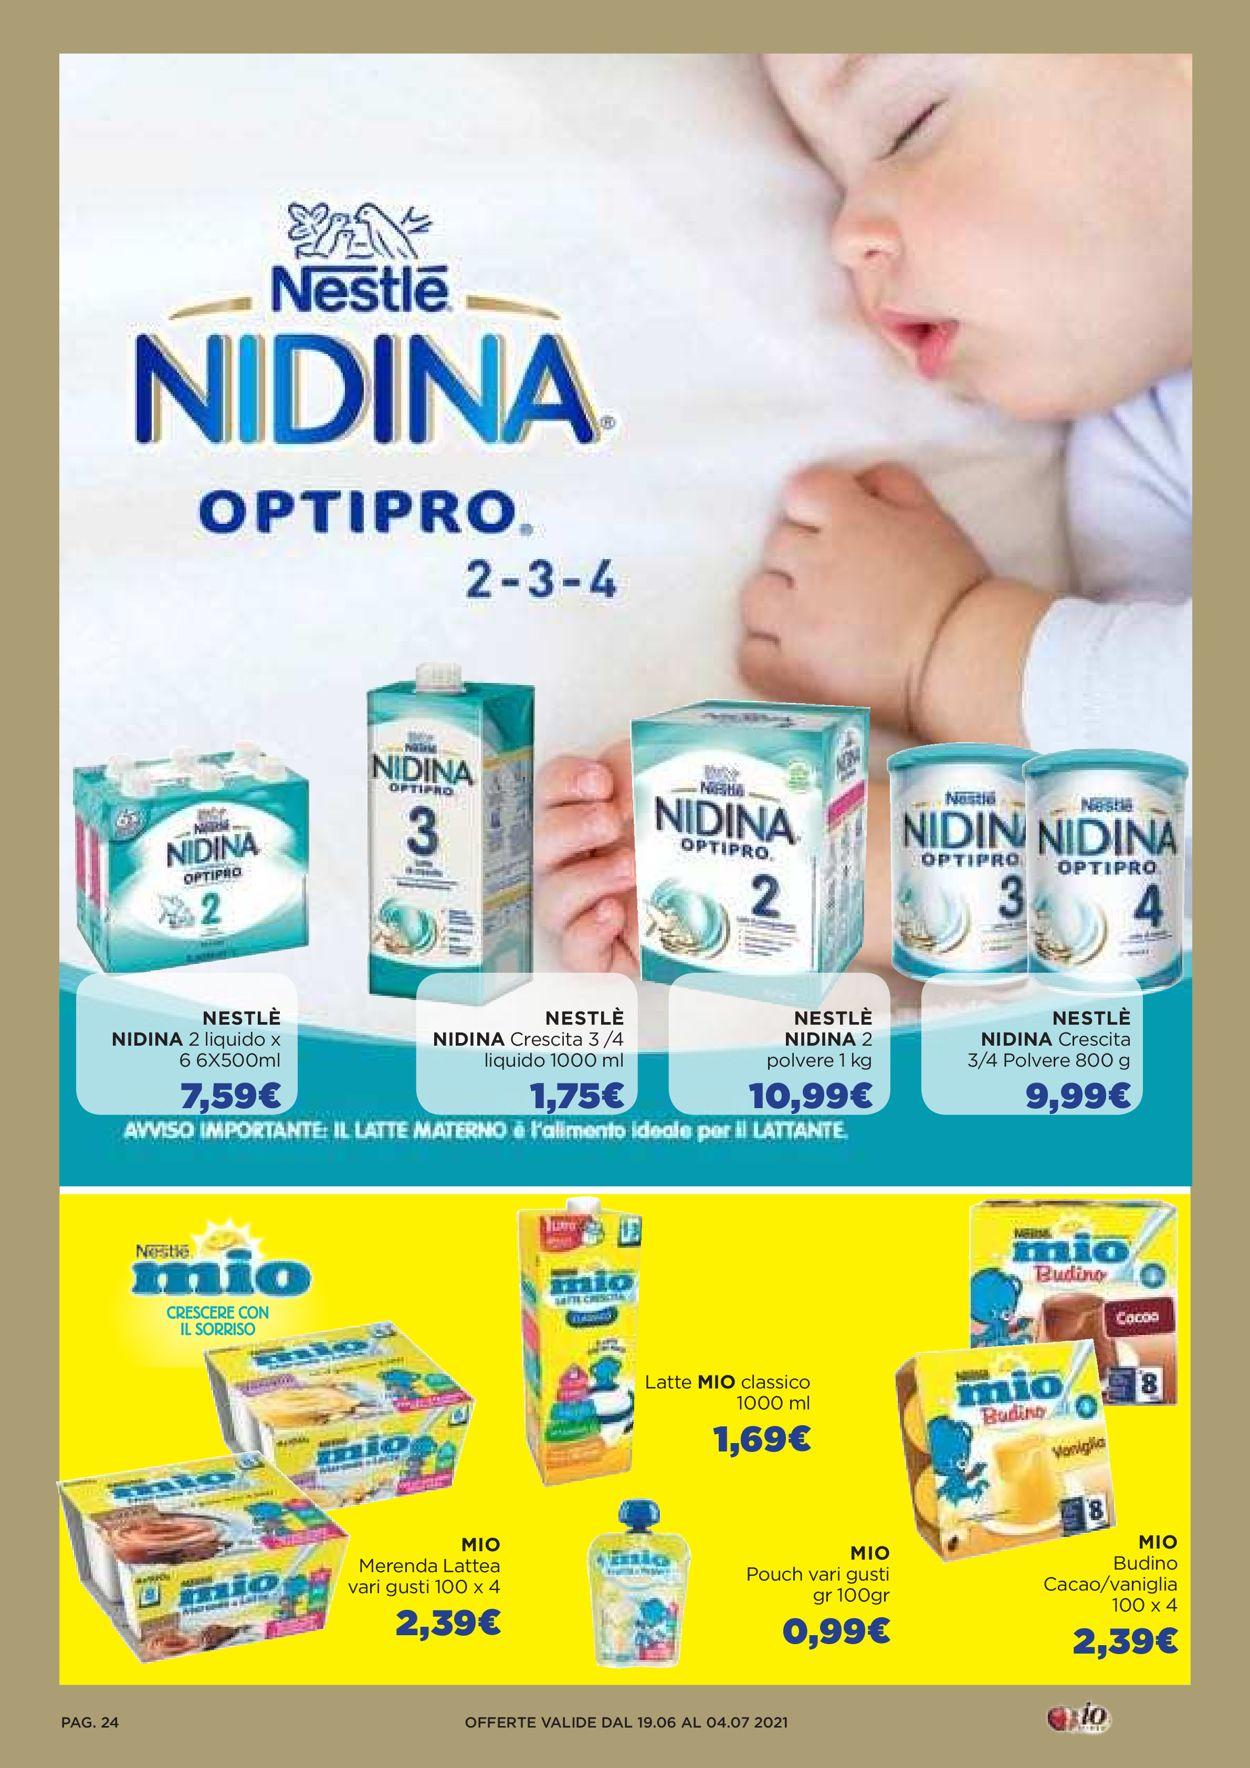 Volantino Io Bimbo - Offerte 19/06-04/07/2021 (Pagina 24)